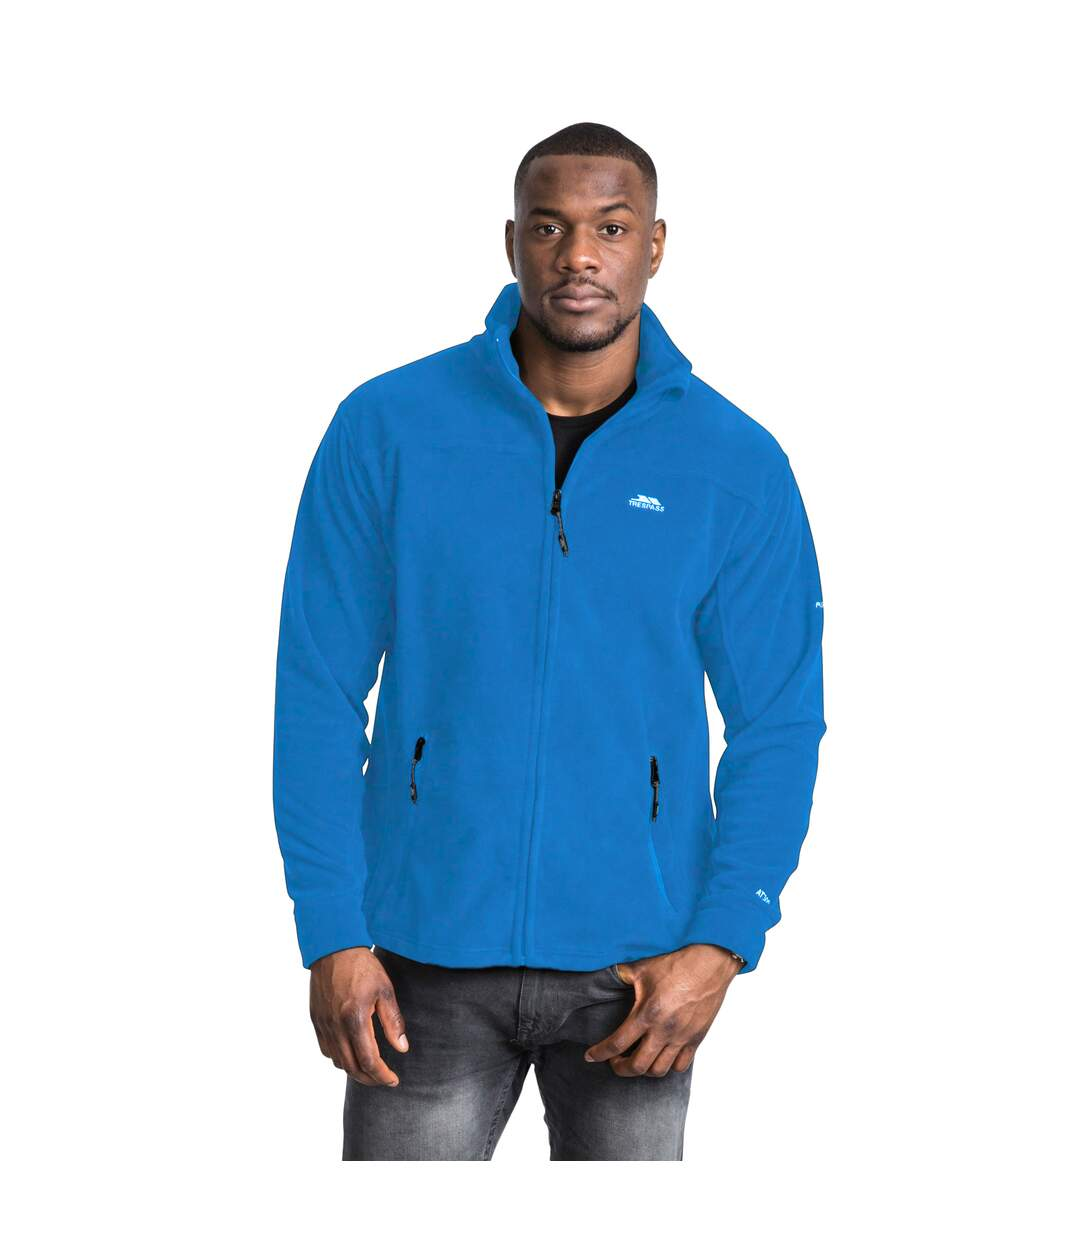 Trespass Mens Bernal Full Zip Fleece Jacket (Red) - UTTP254